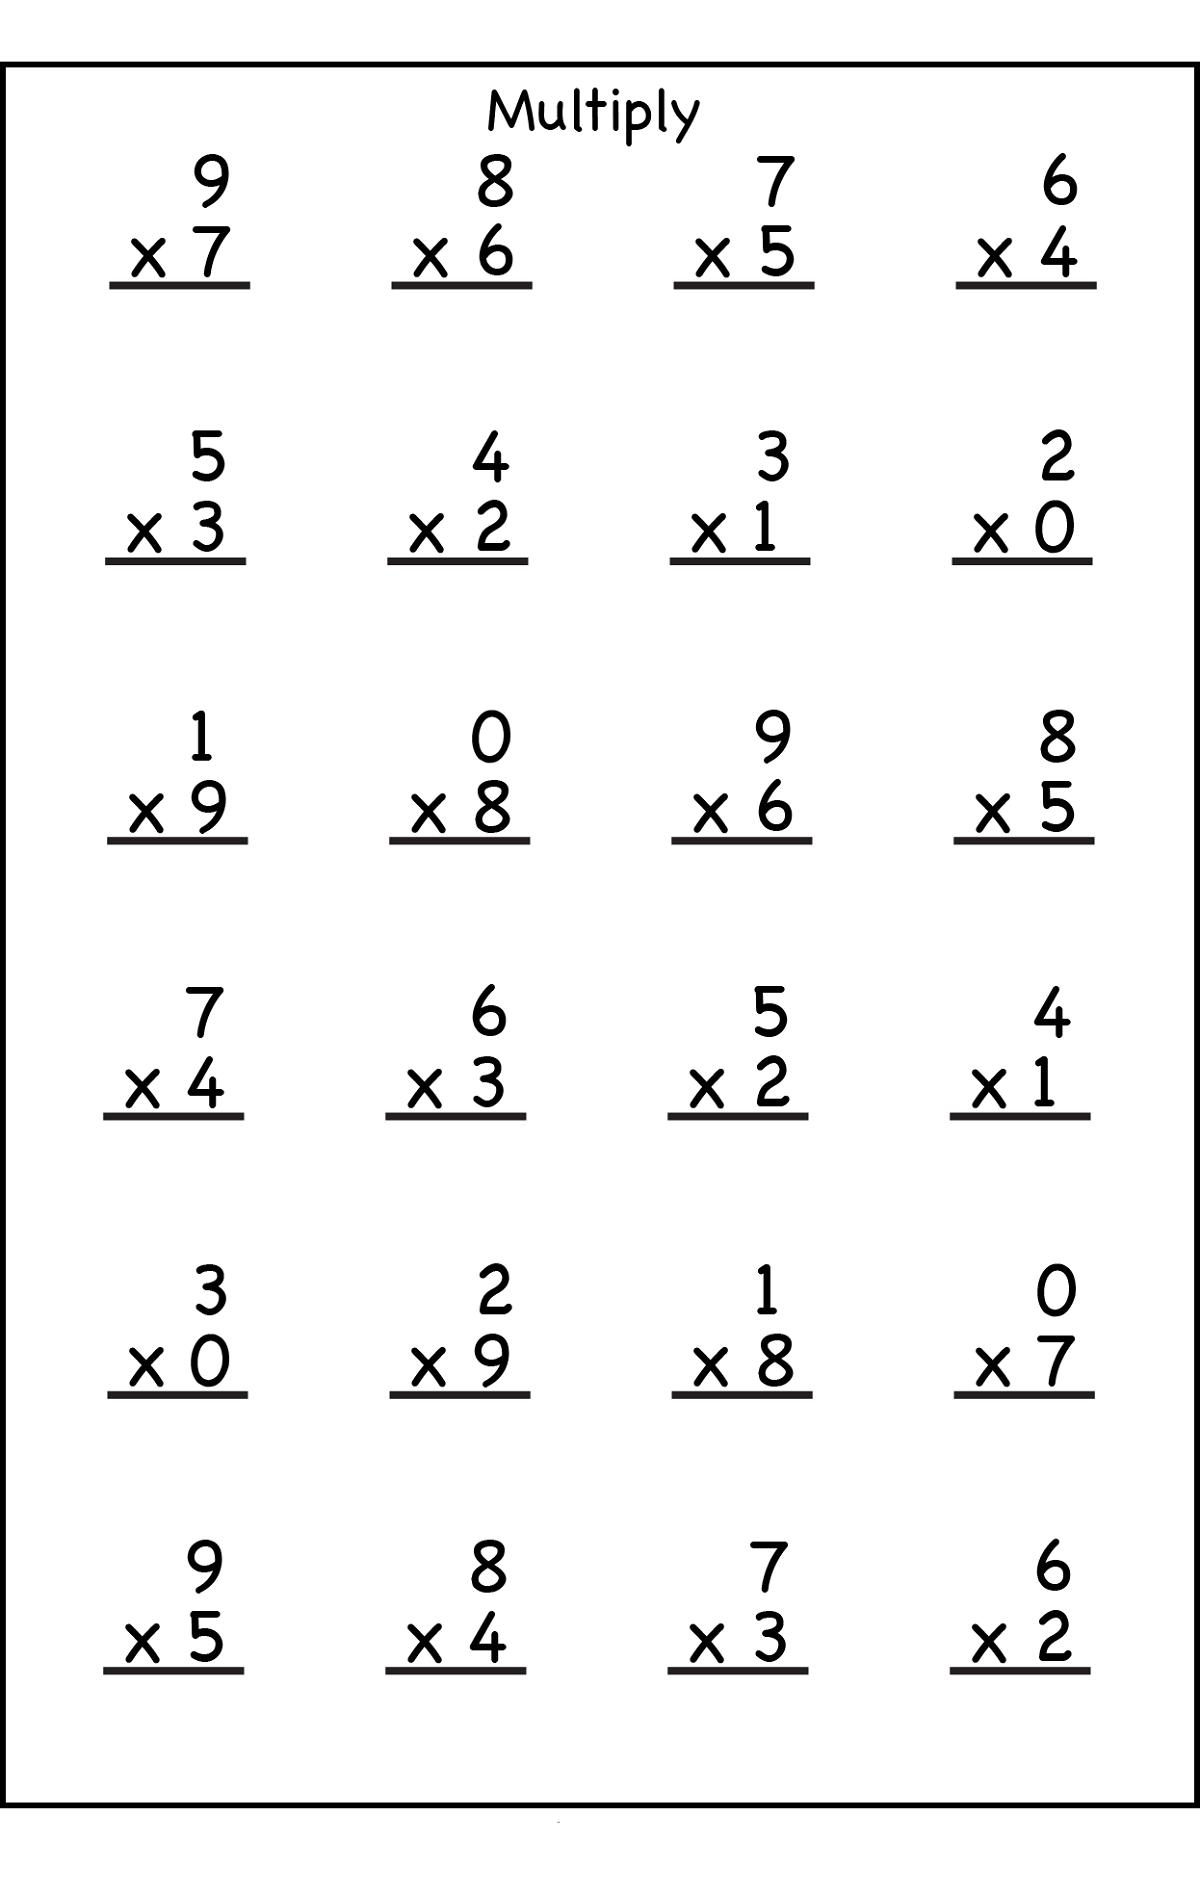 Multiplication Worksheet for 3rd Grade